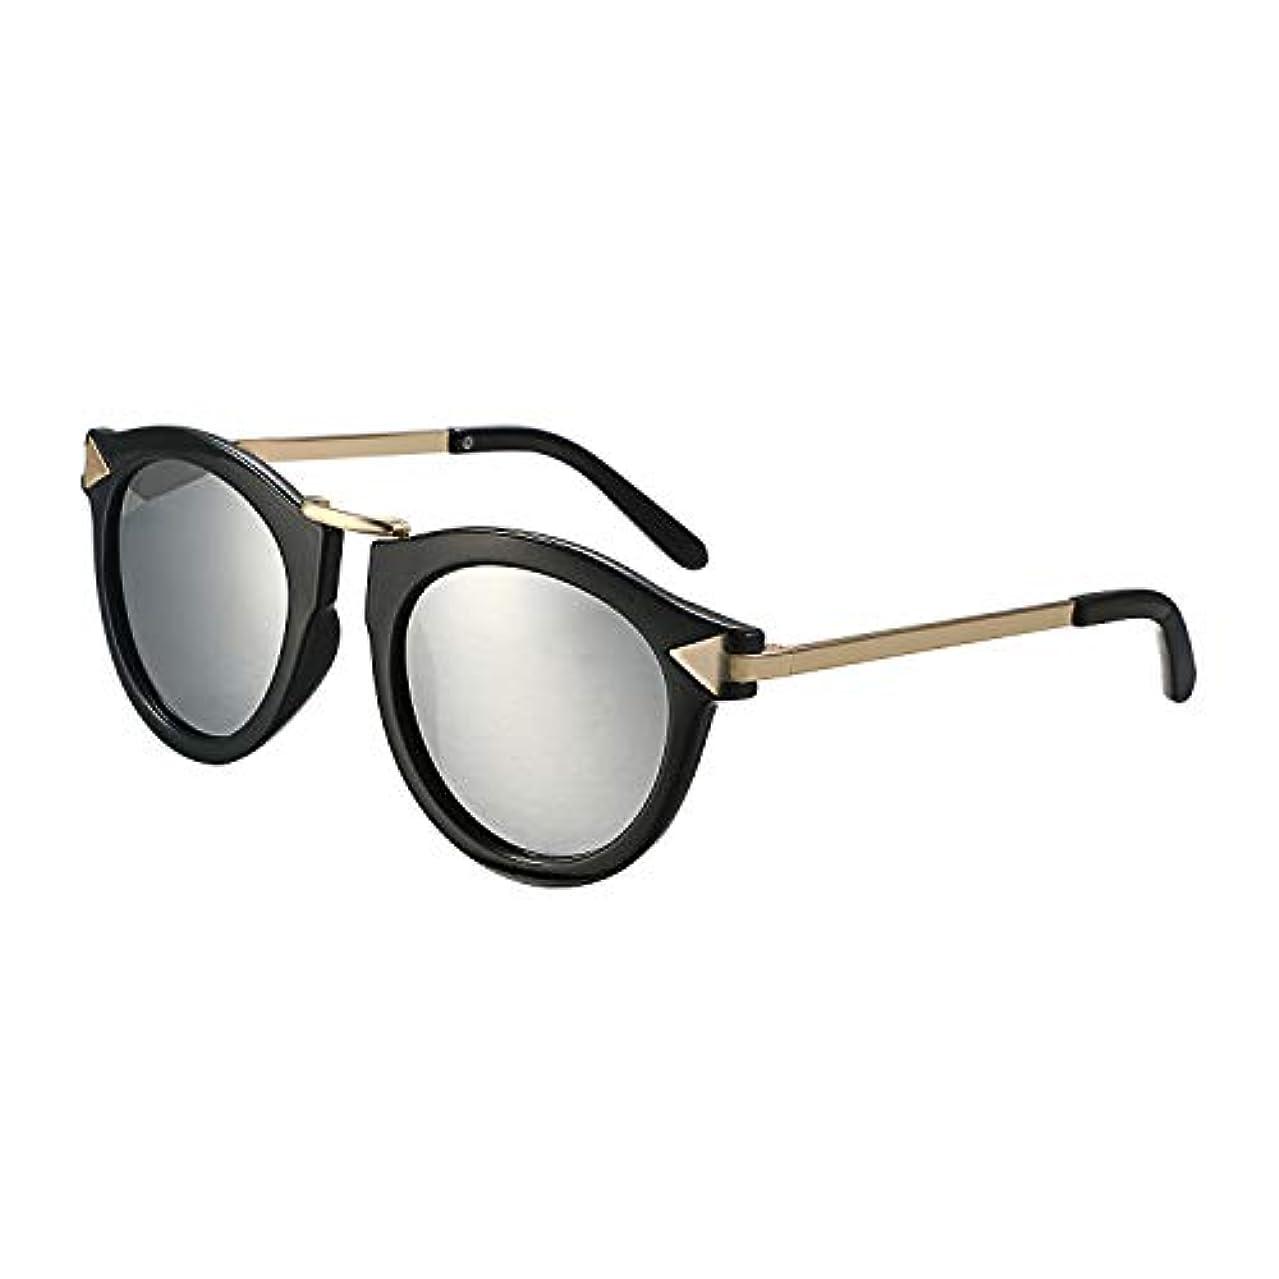 薬理学こっそりミケランジェロAroncent サングラス 偏光レンズ メガネ サングラス レトロ UV400 おしゃれ シンブル アンティーク風 ファッション アクセサリー シルバー